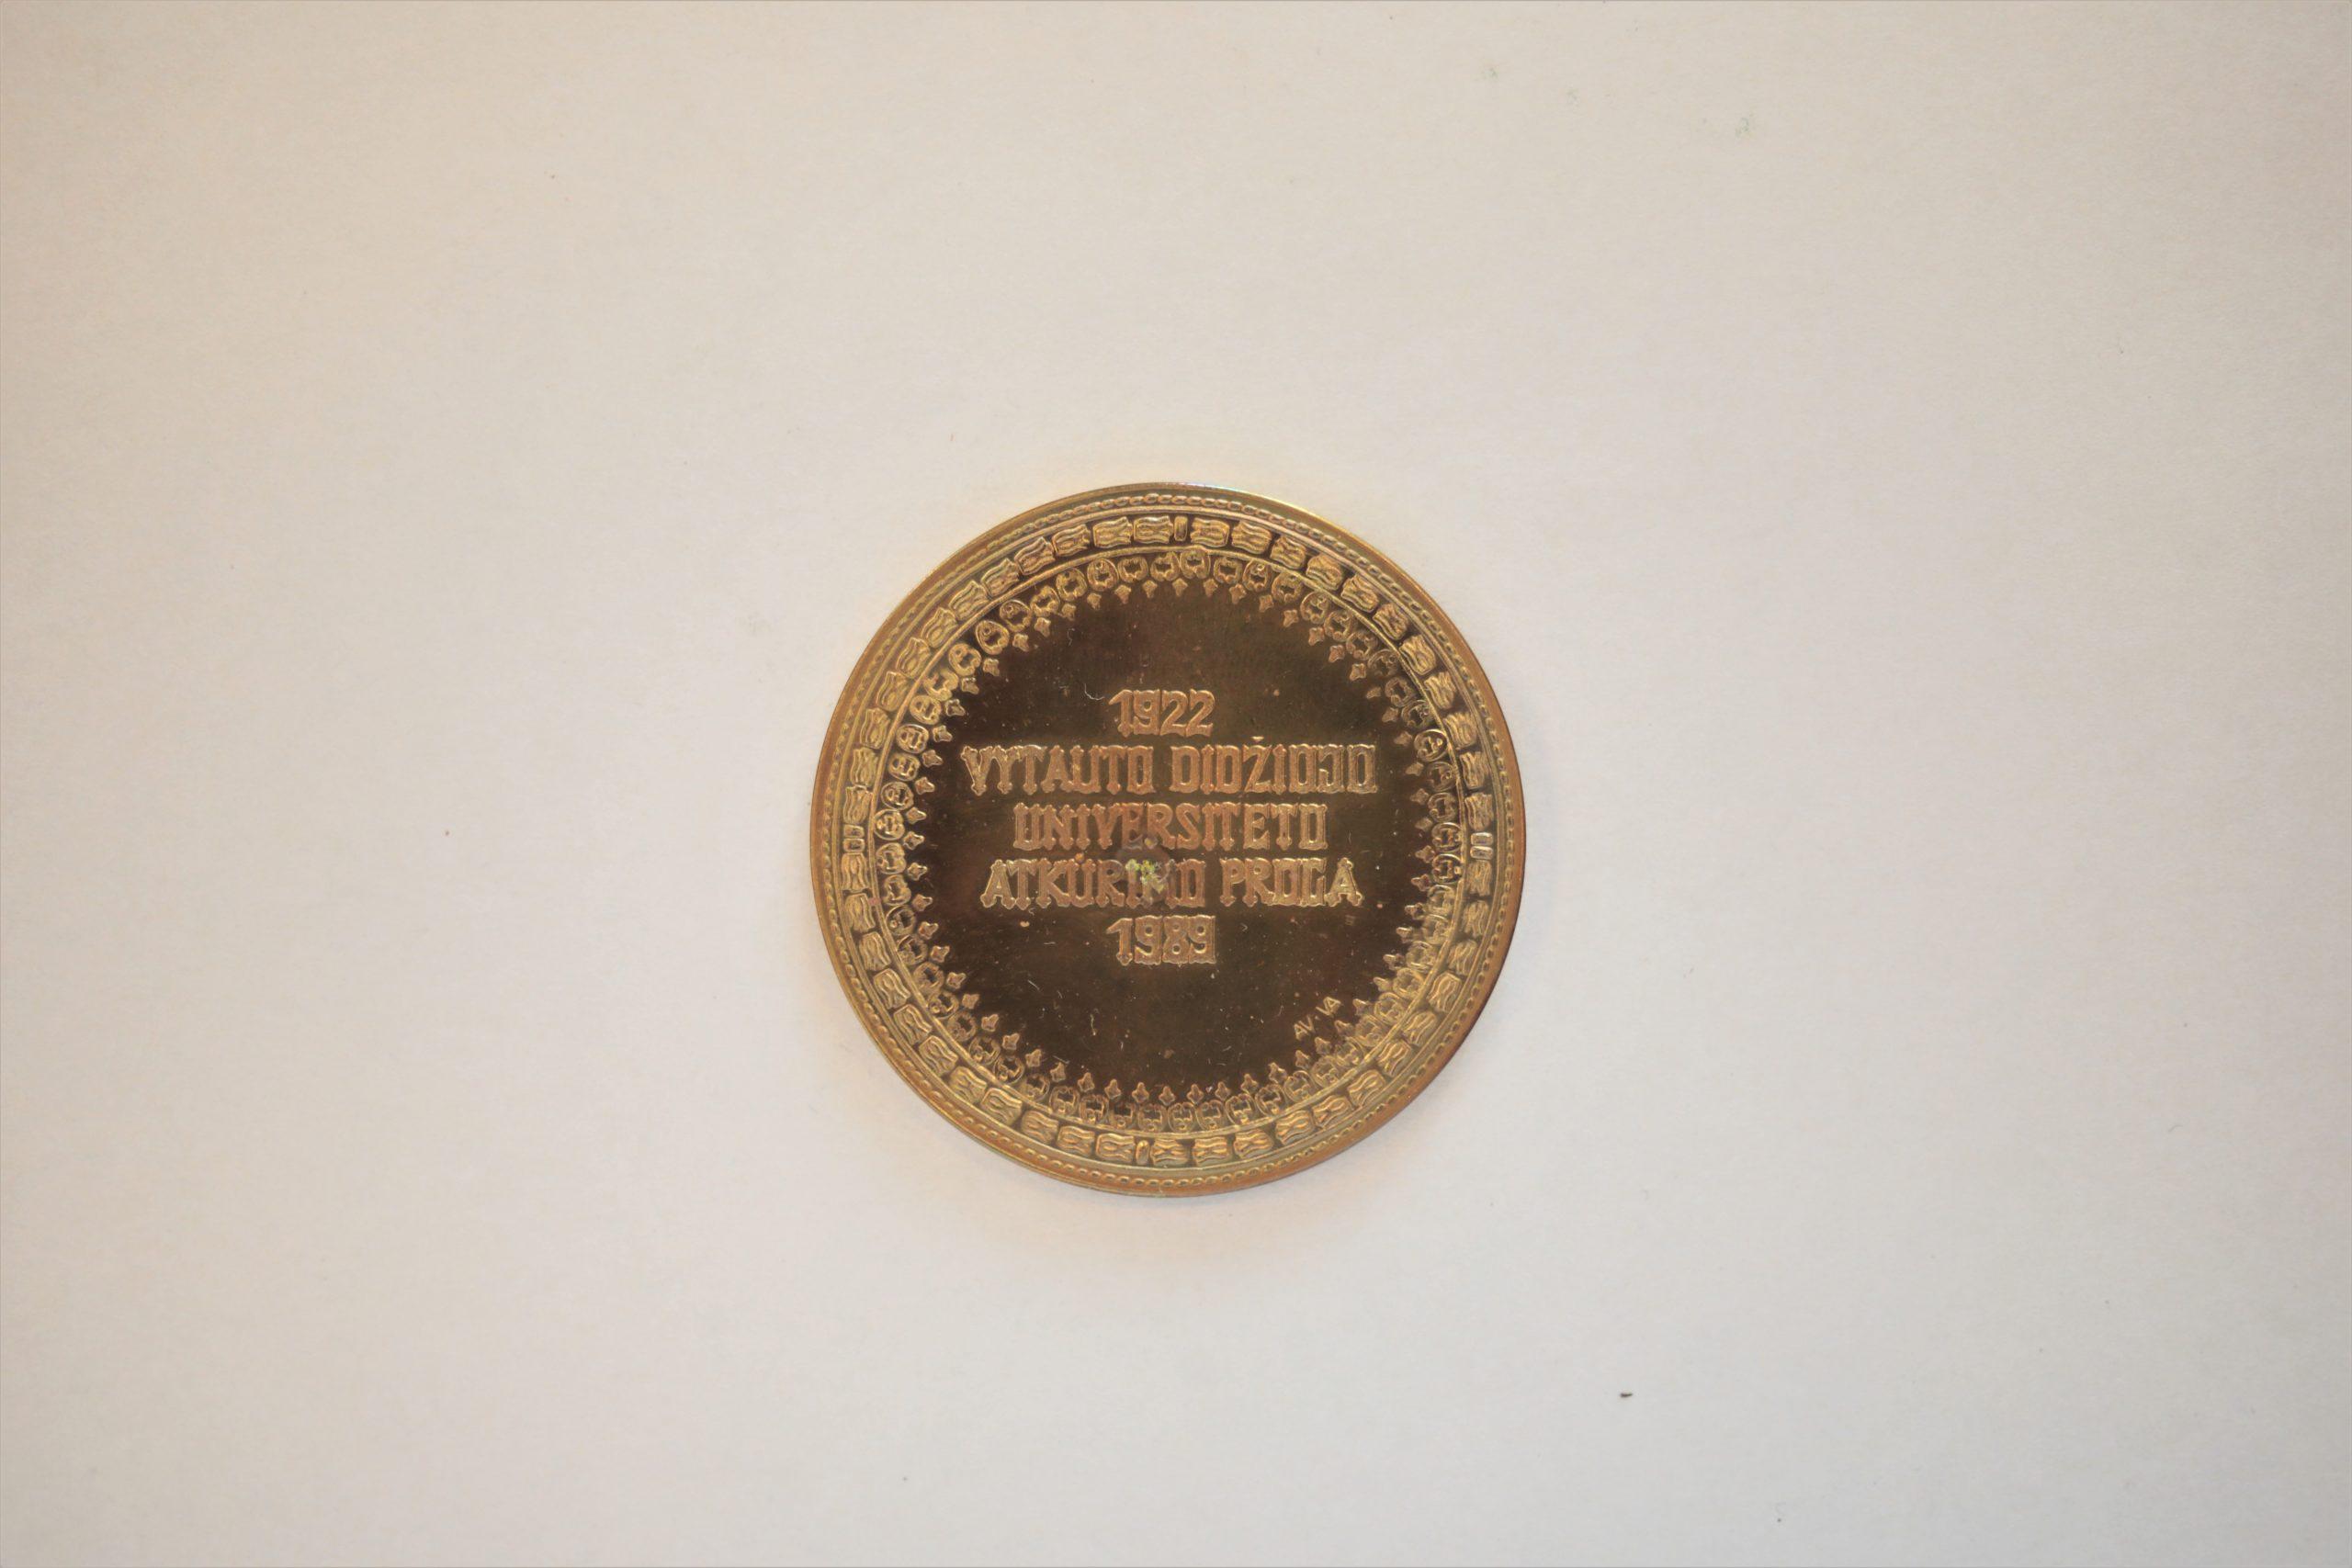 Medalis. Vytauto Didžiojo Universiteto atkūrimui. 1989 m. Geltonas metalas. Reversas. Autorius nežinomas